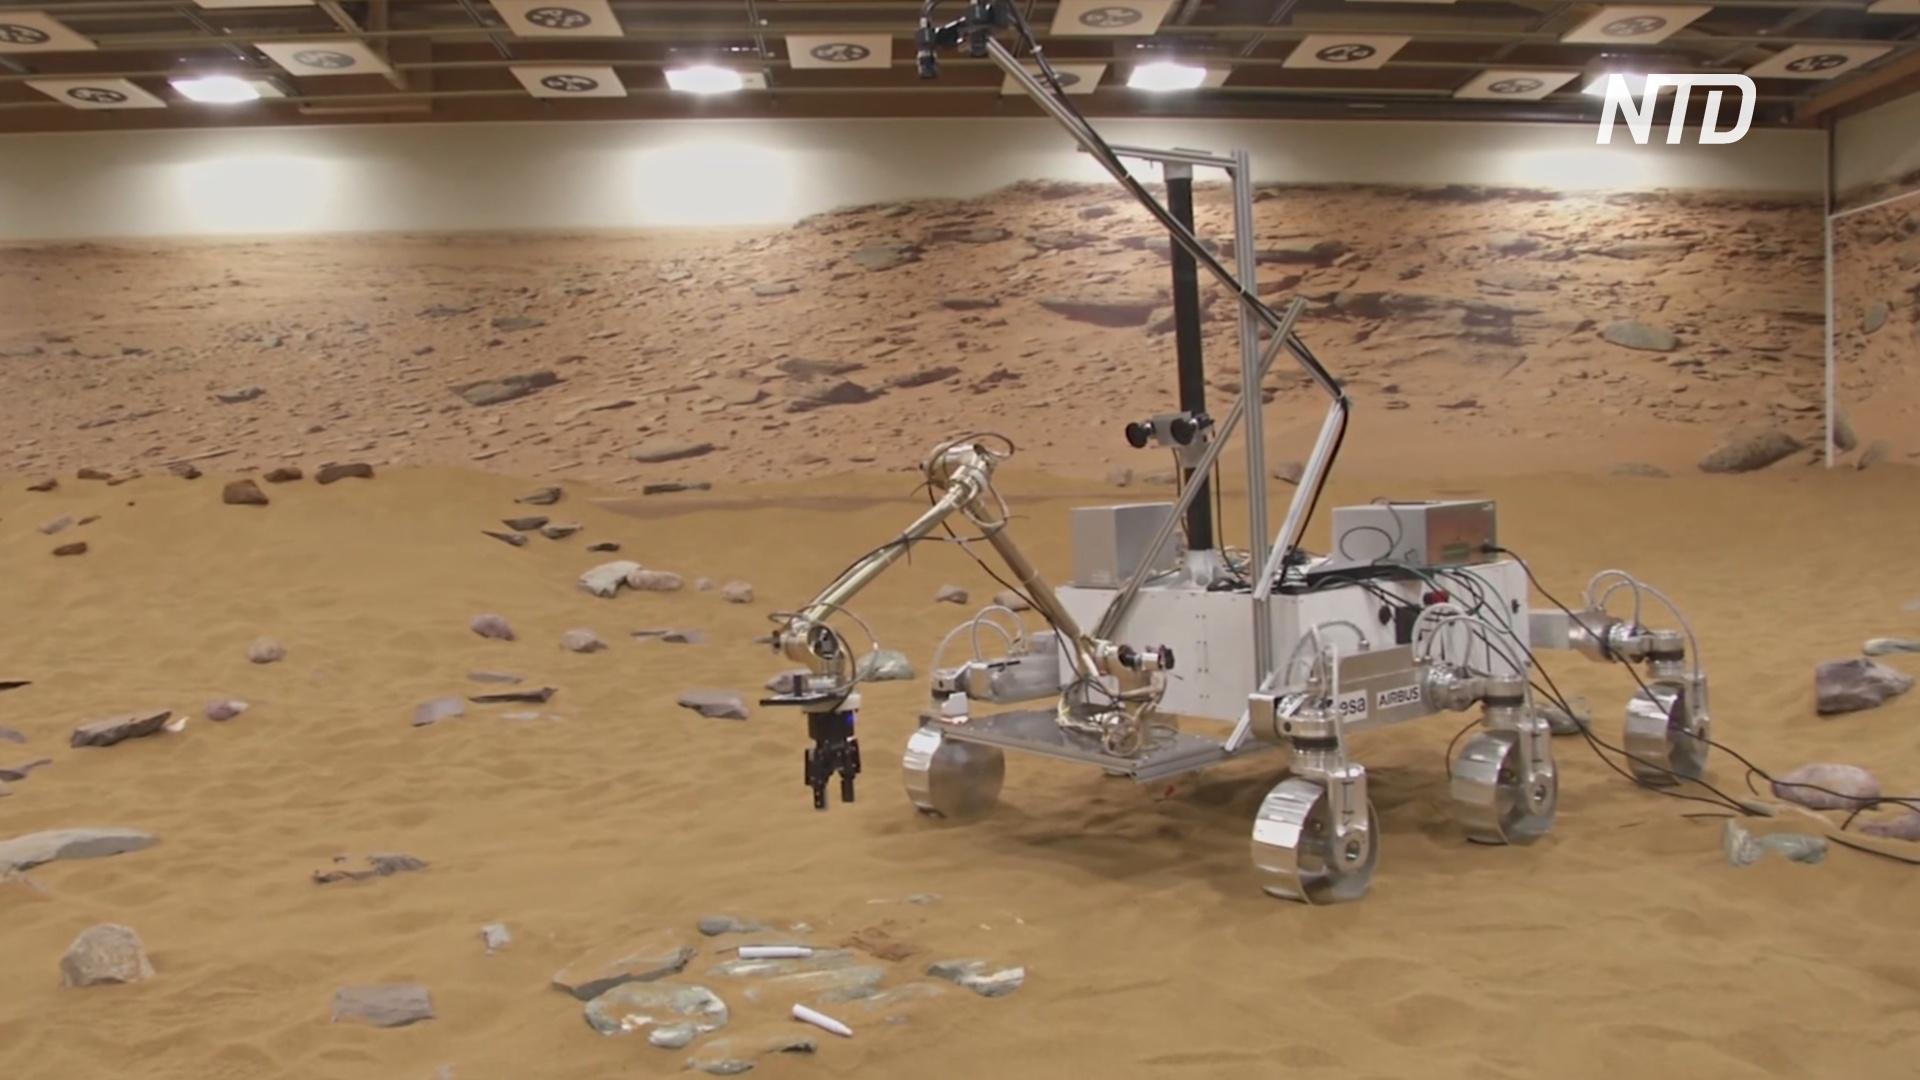 Заполучить образцы с Марса: Airbus разрабатывает новую технологию